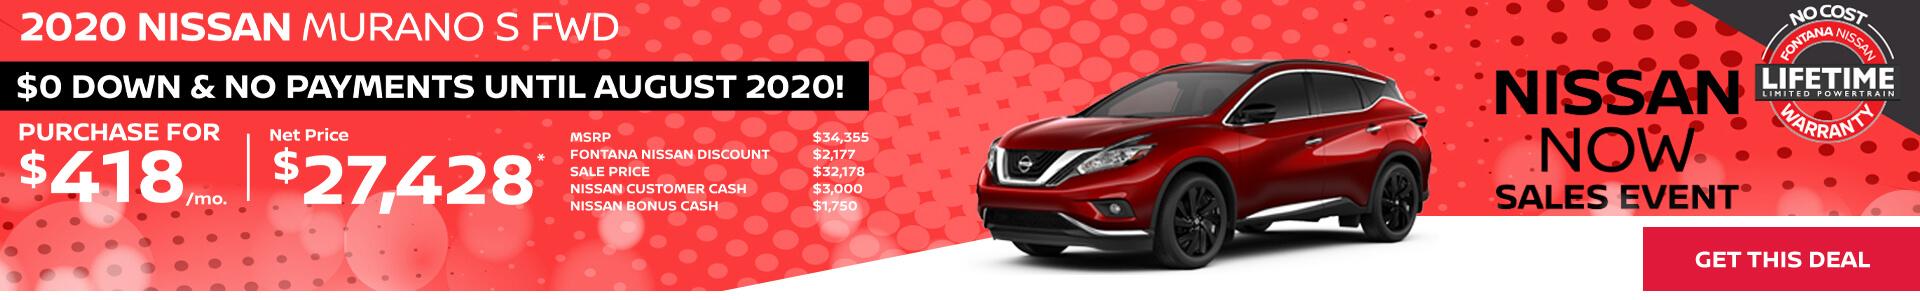 Nissan Murano $418